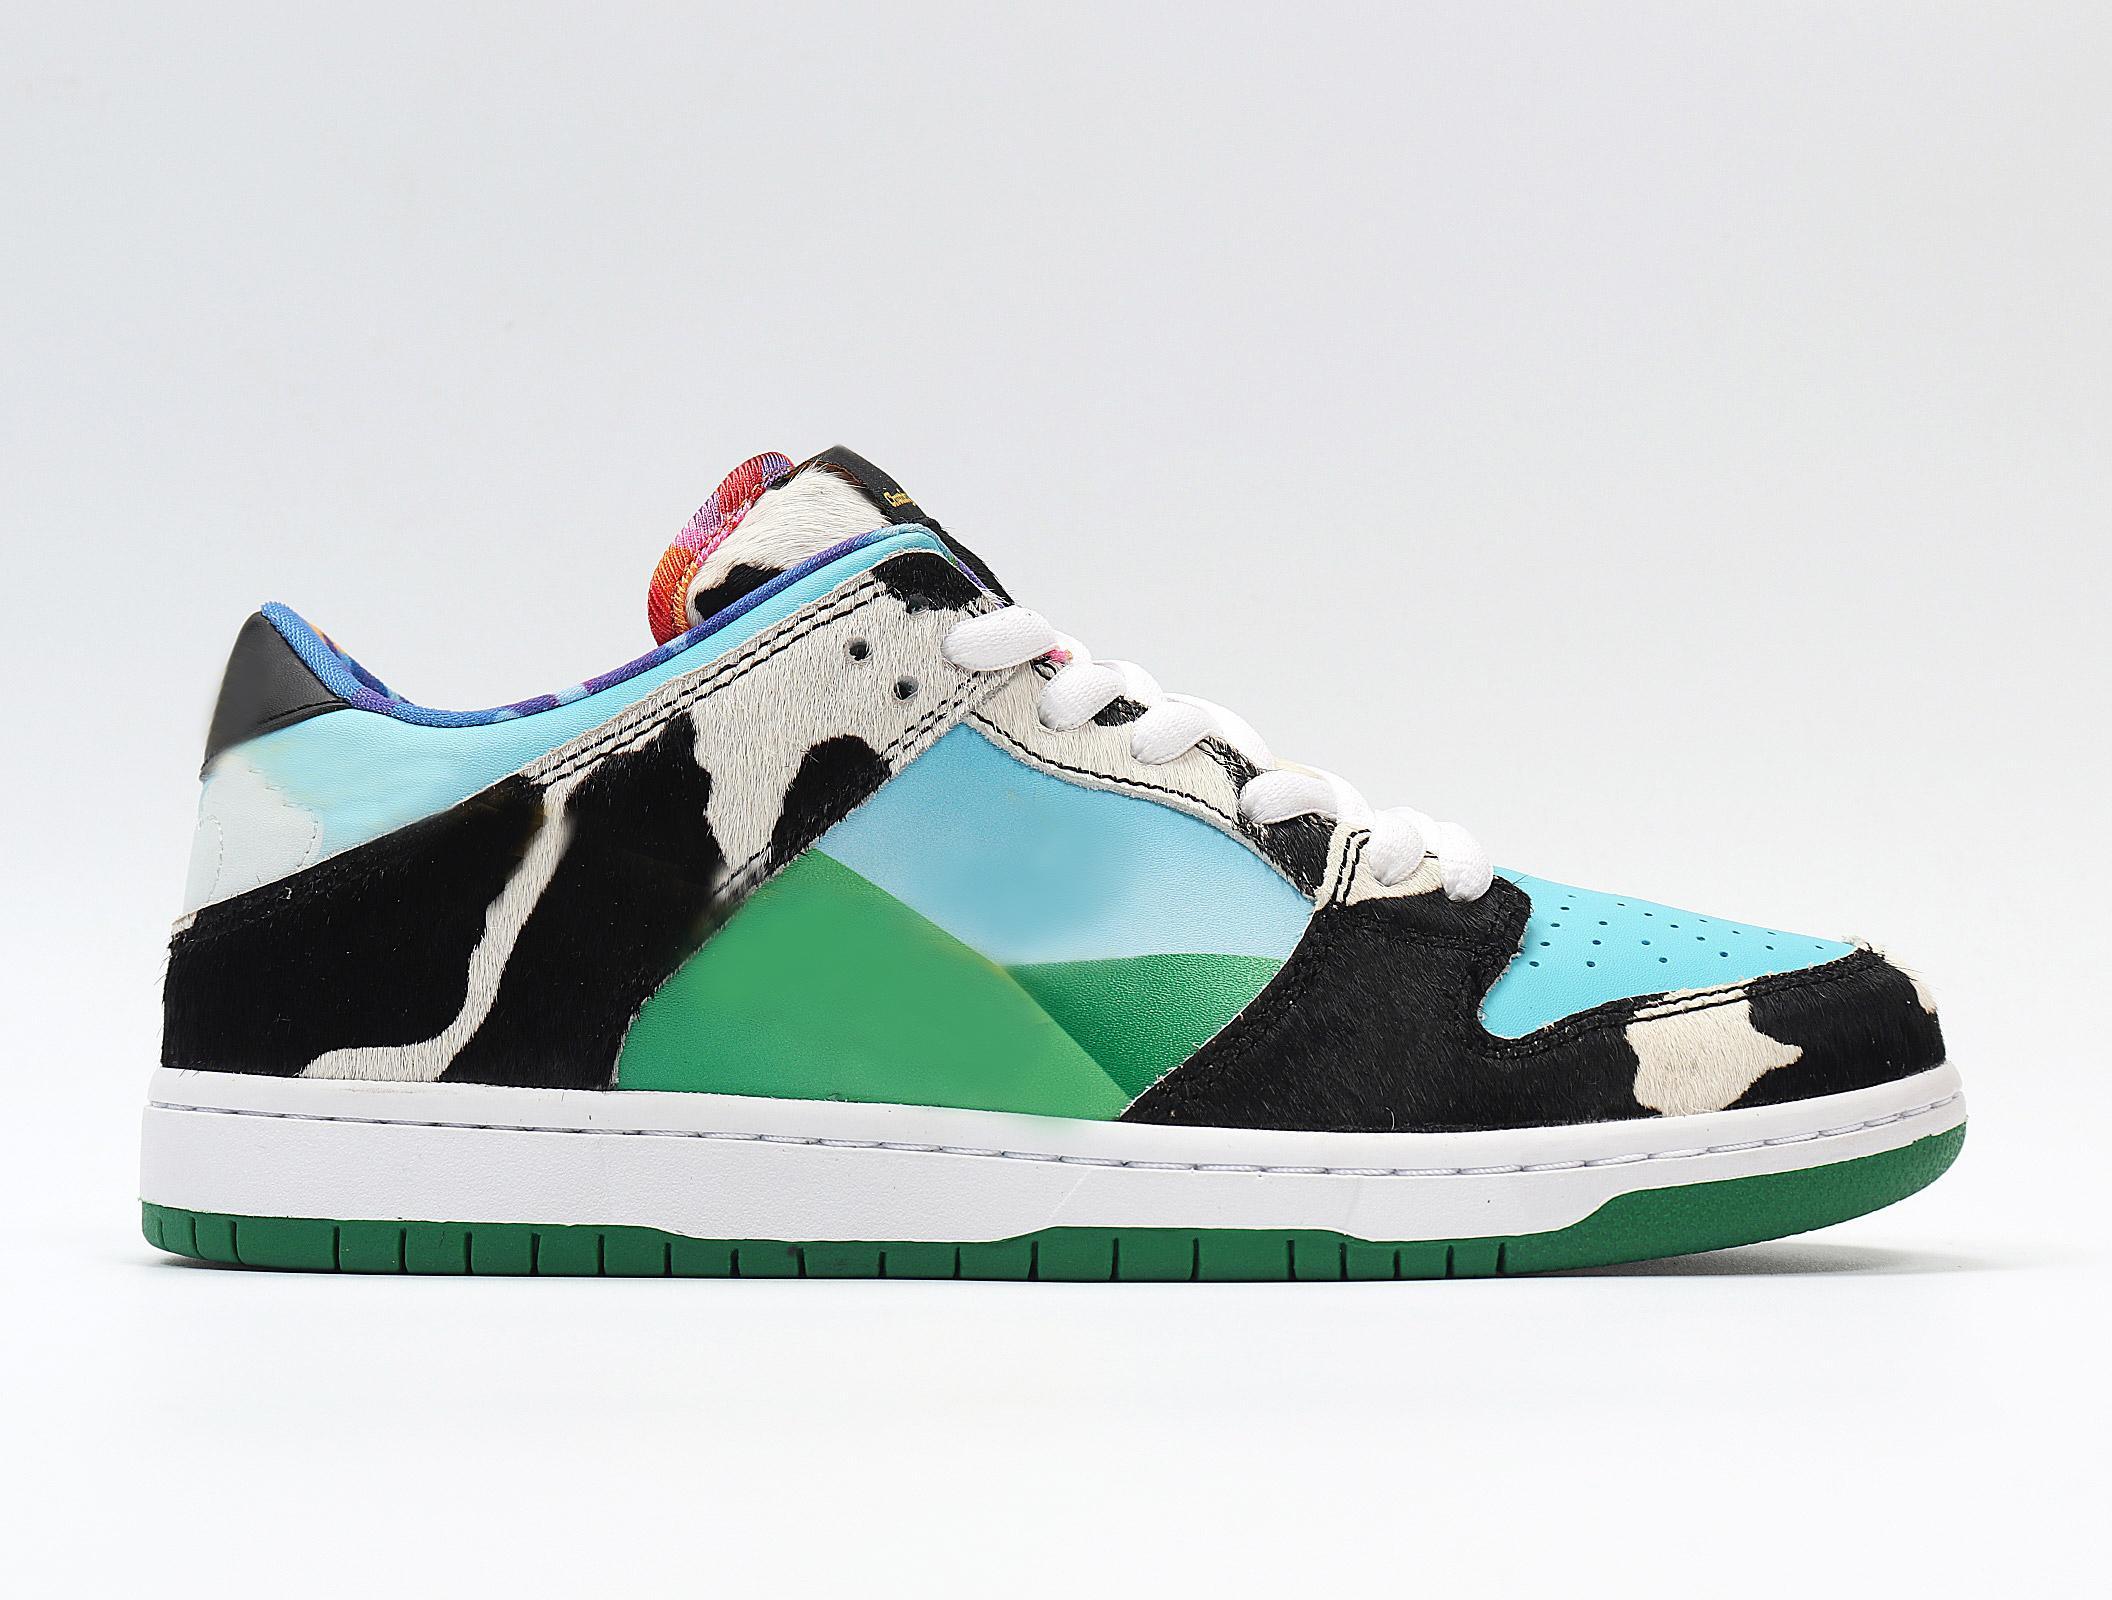 2020 Nueva Dunk Chunky DUNKY los hombres auténticos de los zapatos corrientes de Green Diamond deporte del baloncesto de las zapatillas de deporte que andan en monopatín Entrenadores tamaño 36-45 con la caja